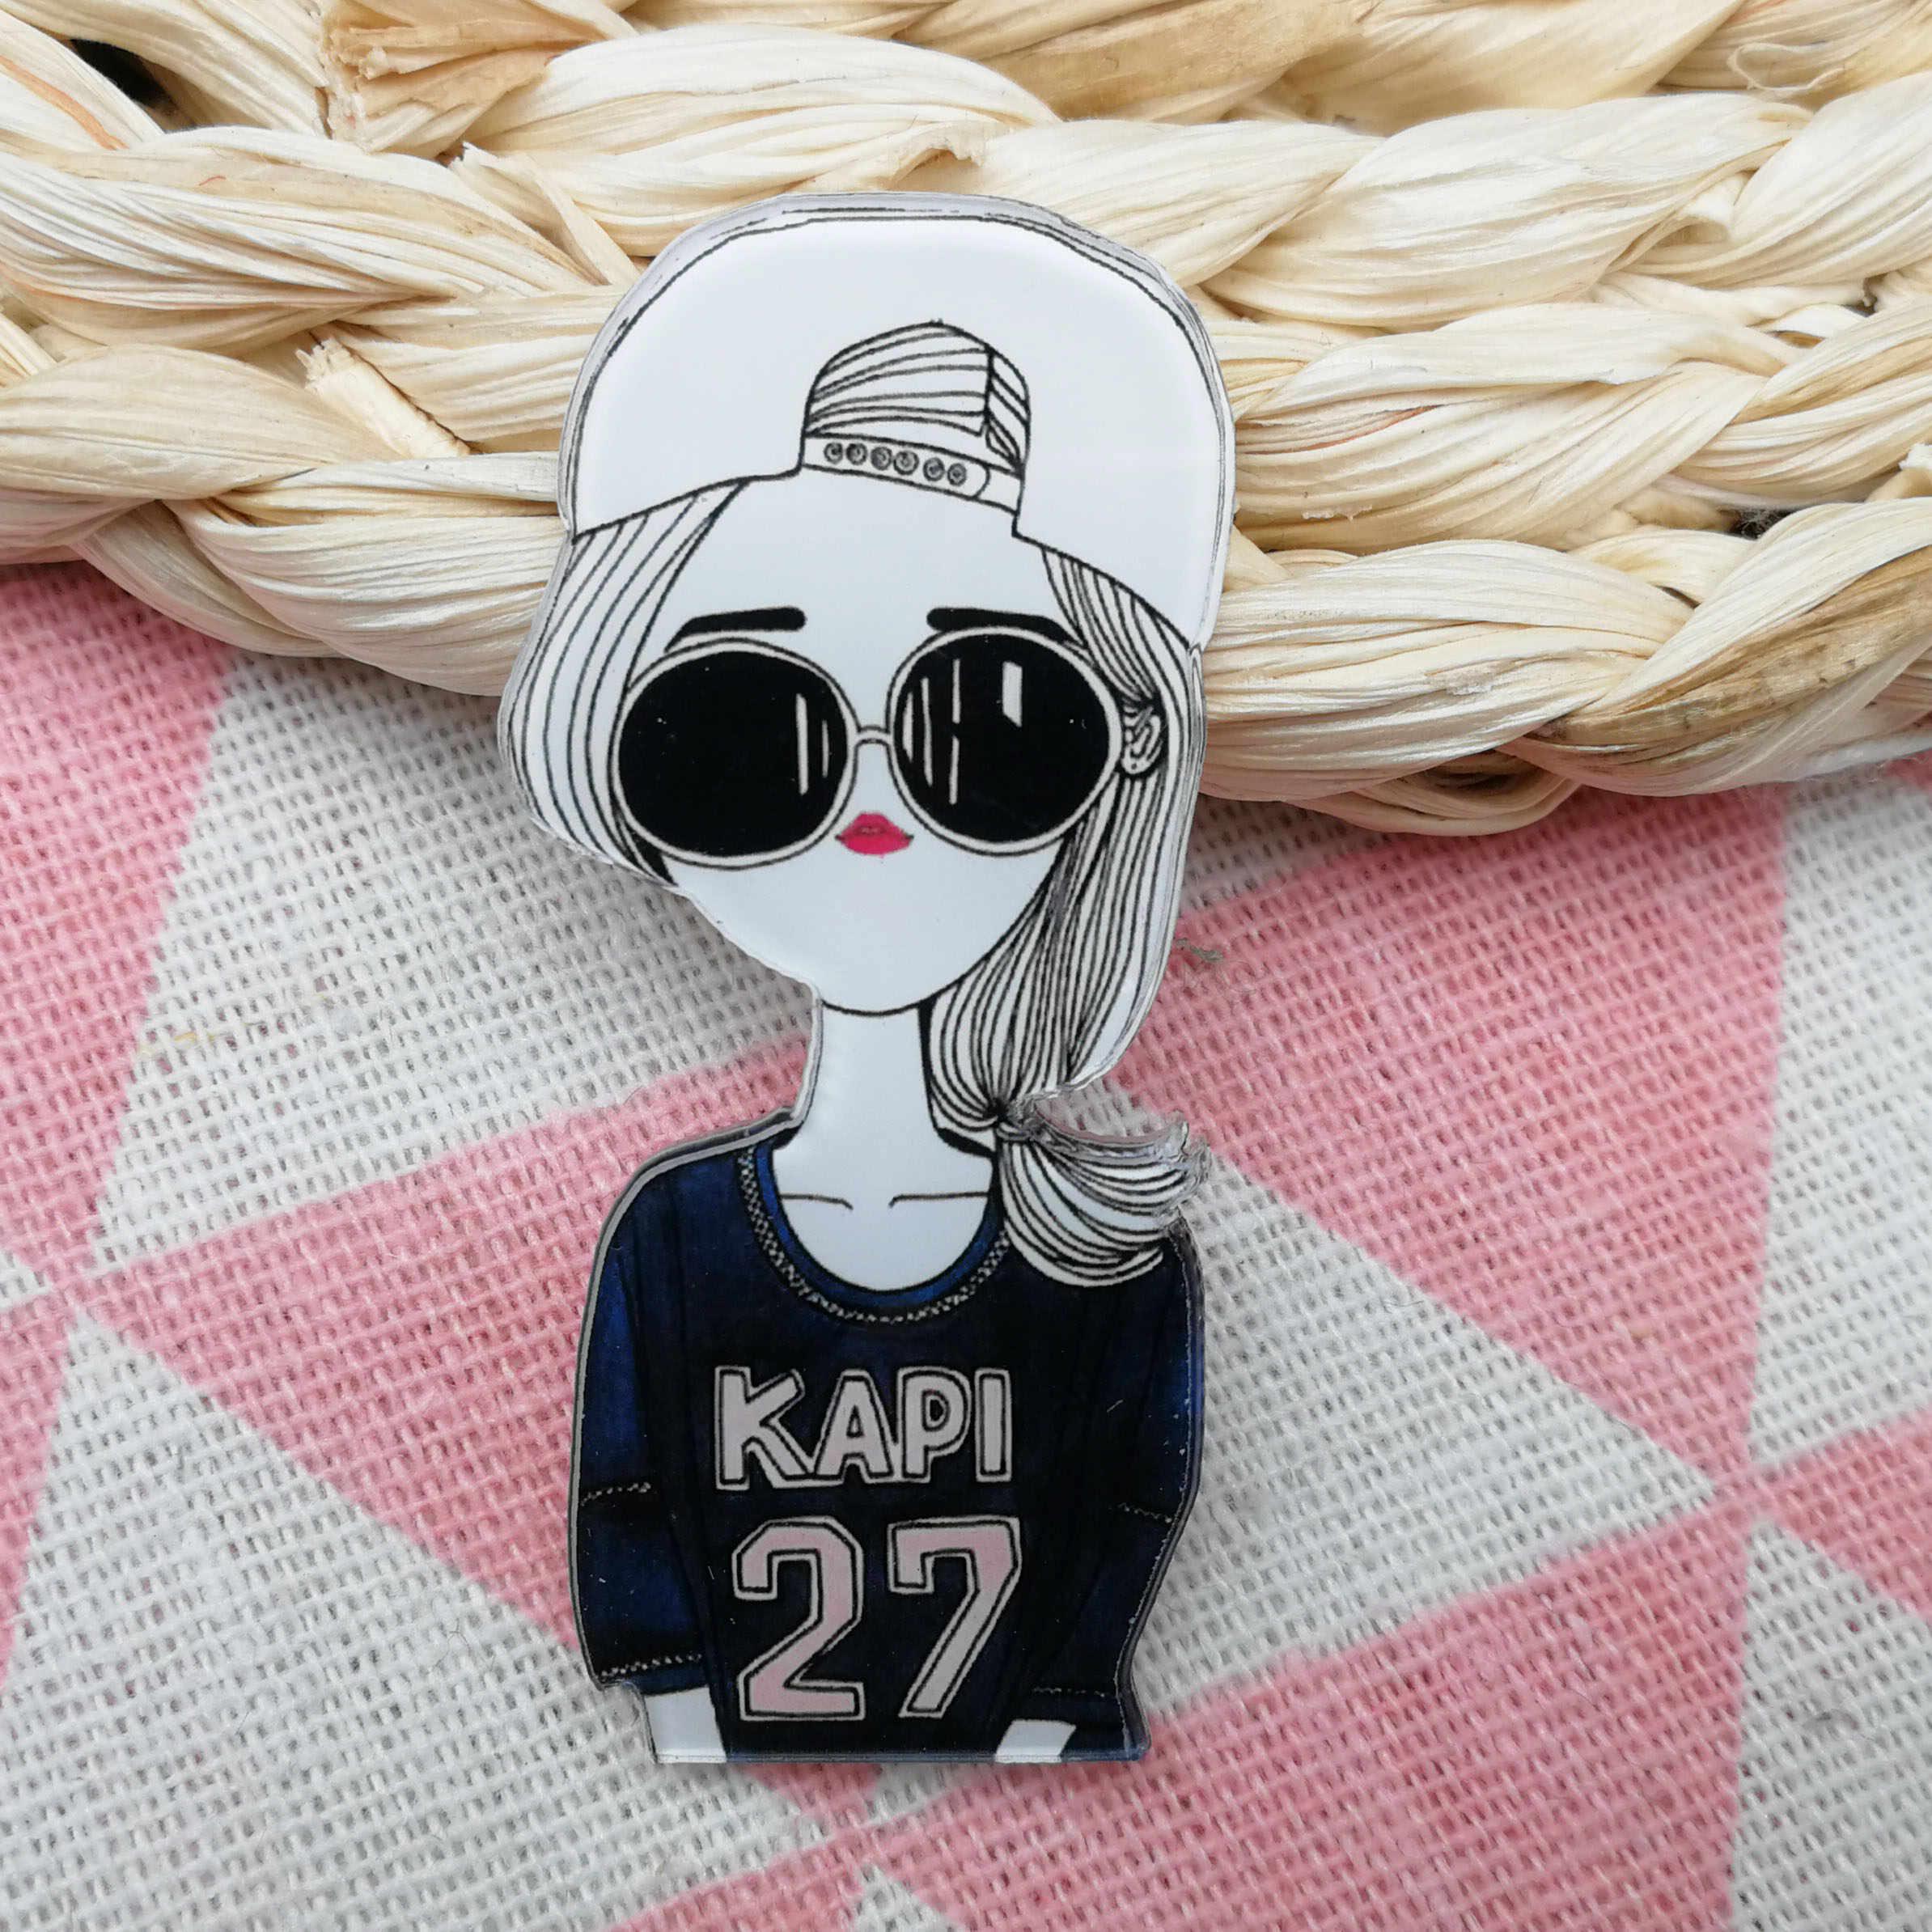 모델 레이디 아이콘 여성을위한 아름다움 아크릴 브로치 선물 고품질 배지 핀 티셔츠 모자 스카프 의류 쥬얼리 액세서리